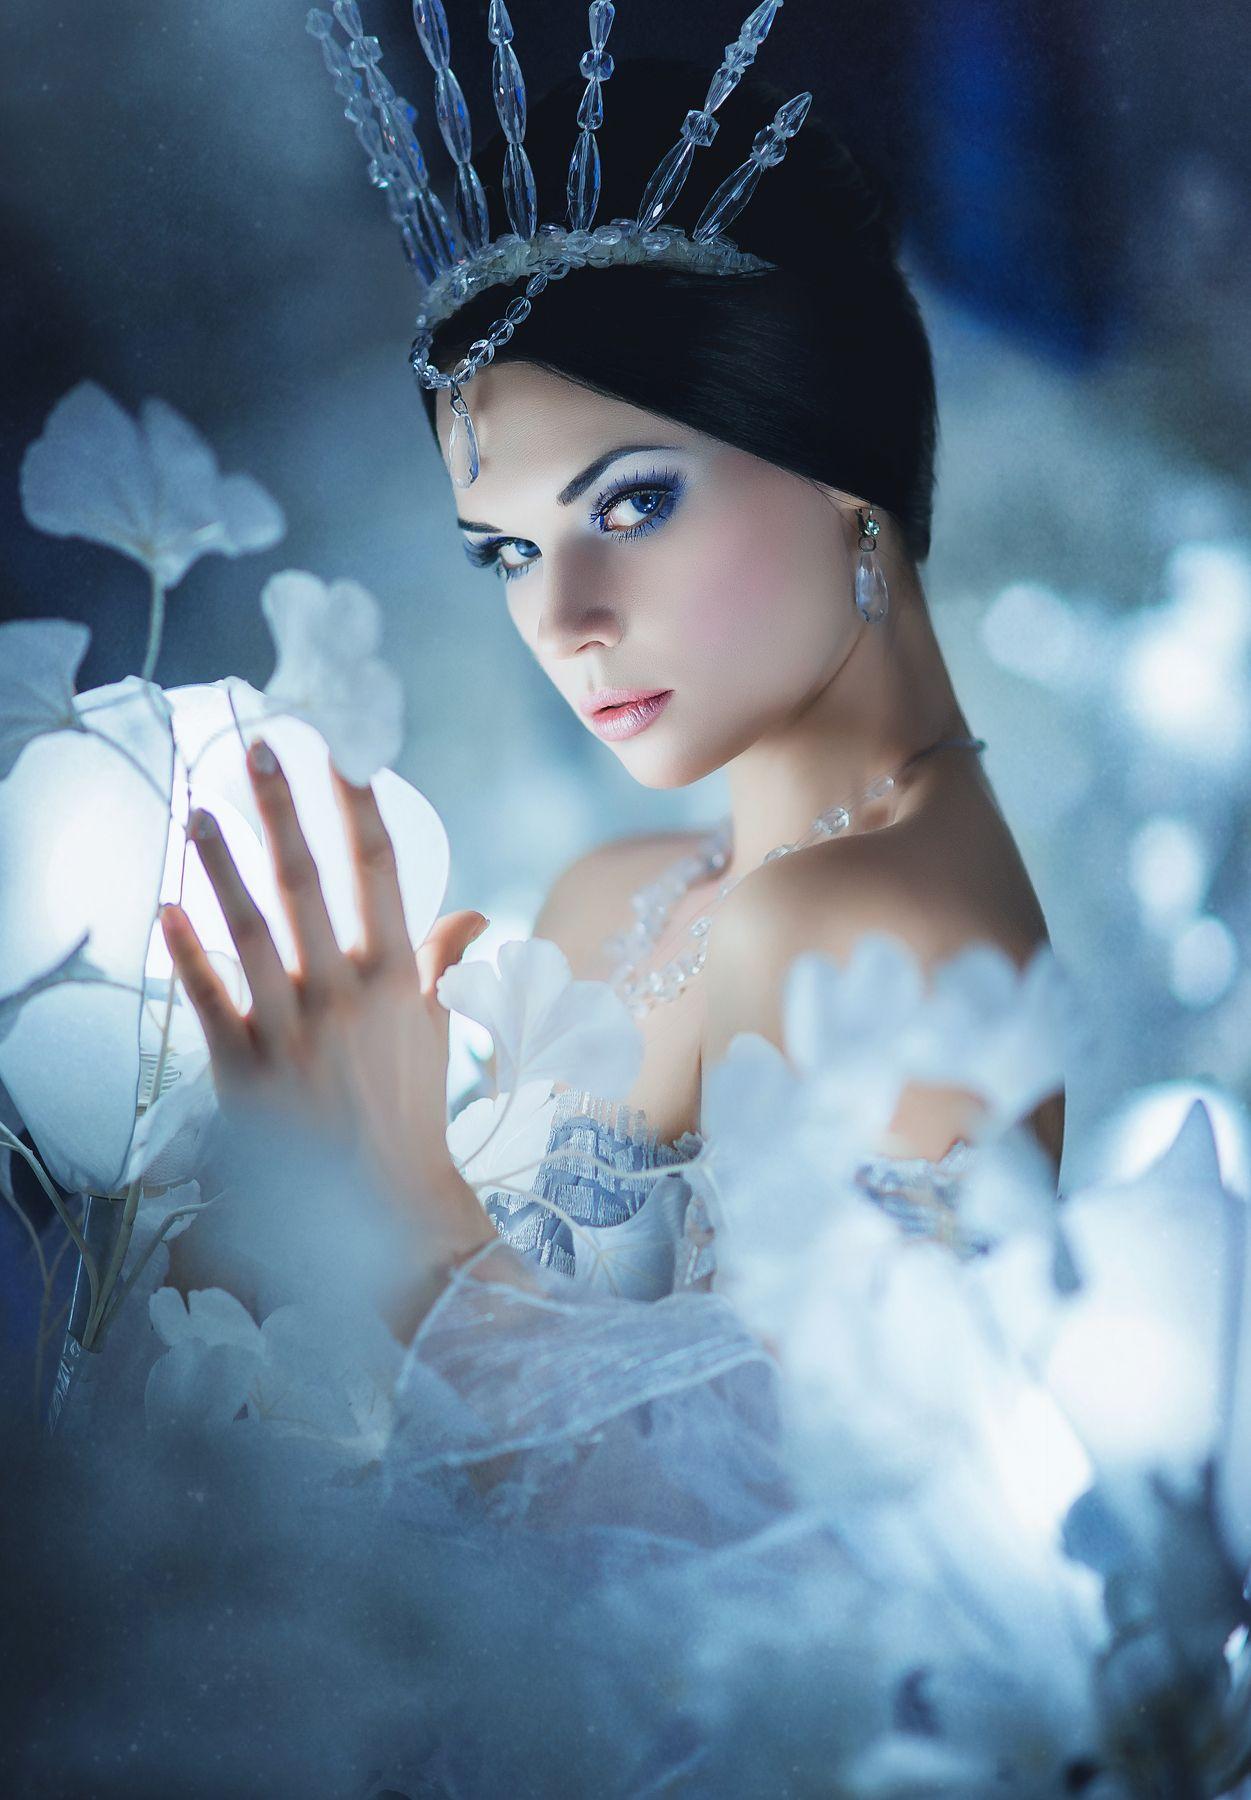 про картинки фото образы снежной королевы объясняется включение